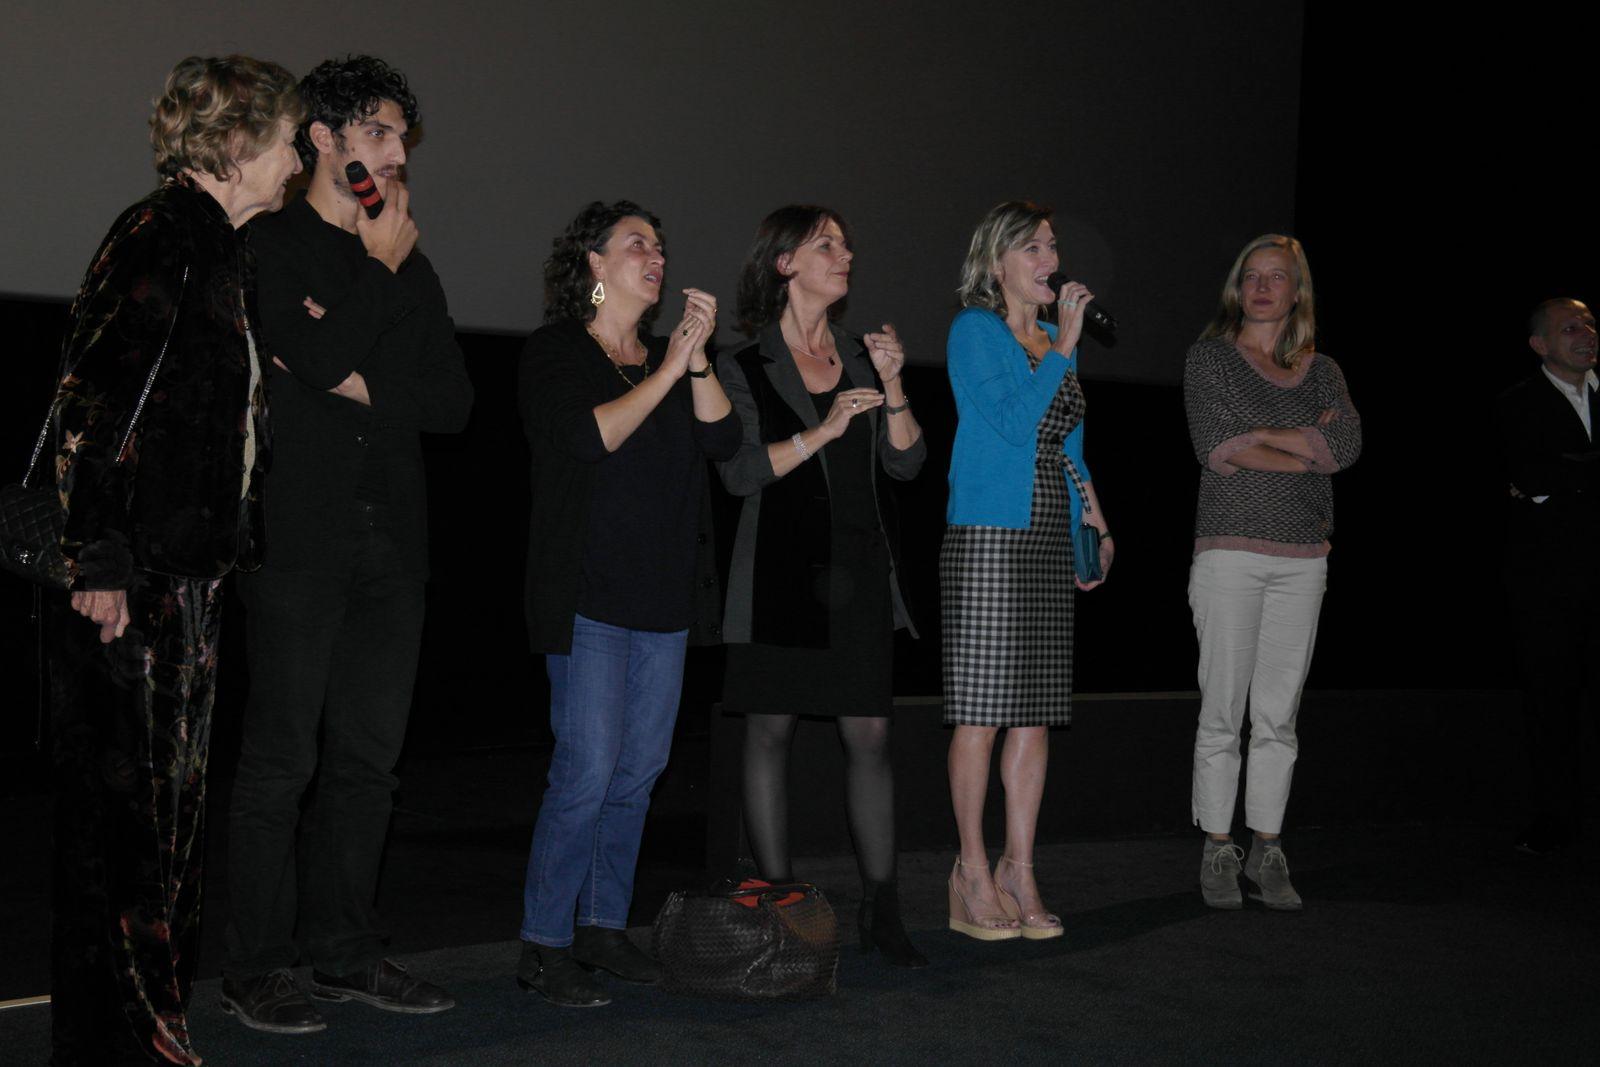 Une partie de l'équipe du film, dont Valéria Bruni Tedeschi, la réalisatrice, (gilet bleu) Louis Garrel micro en main sur la gauche de la photo